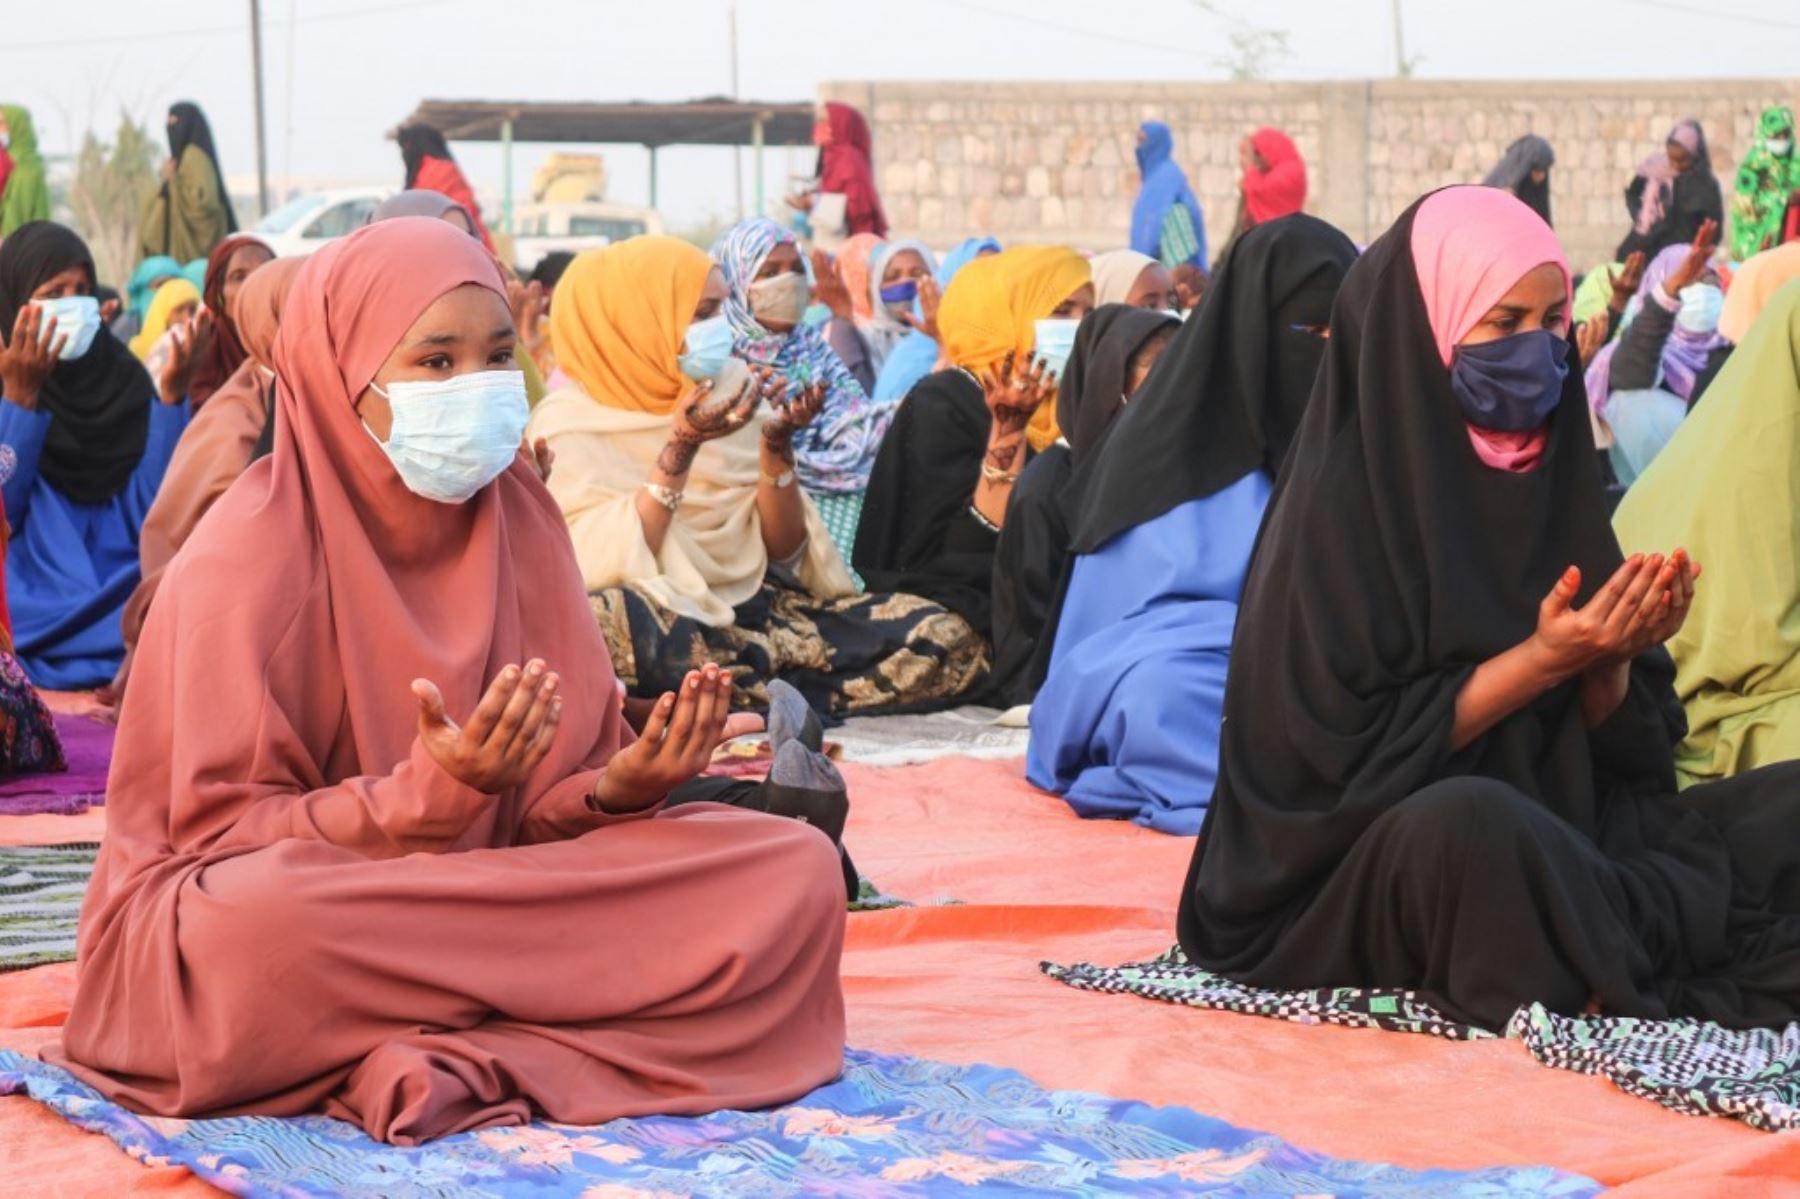 Las mujeres musulmanas respetan el distanciamiento social mientras ofrecen oraciones de Eid al-Fitr que marcan el final del mes sagrado musulmán del Ramadán, en Djibouti. Foto: AFP